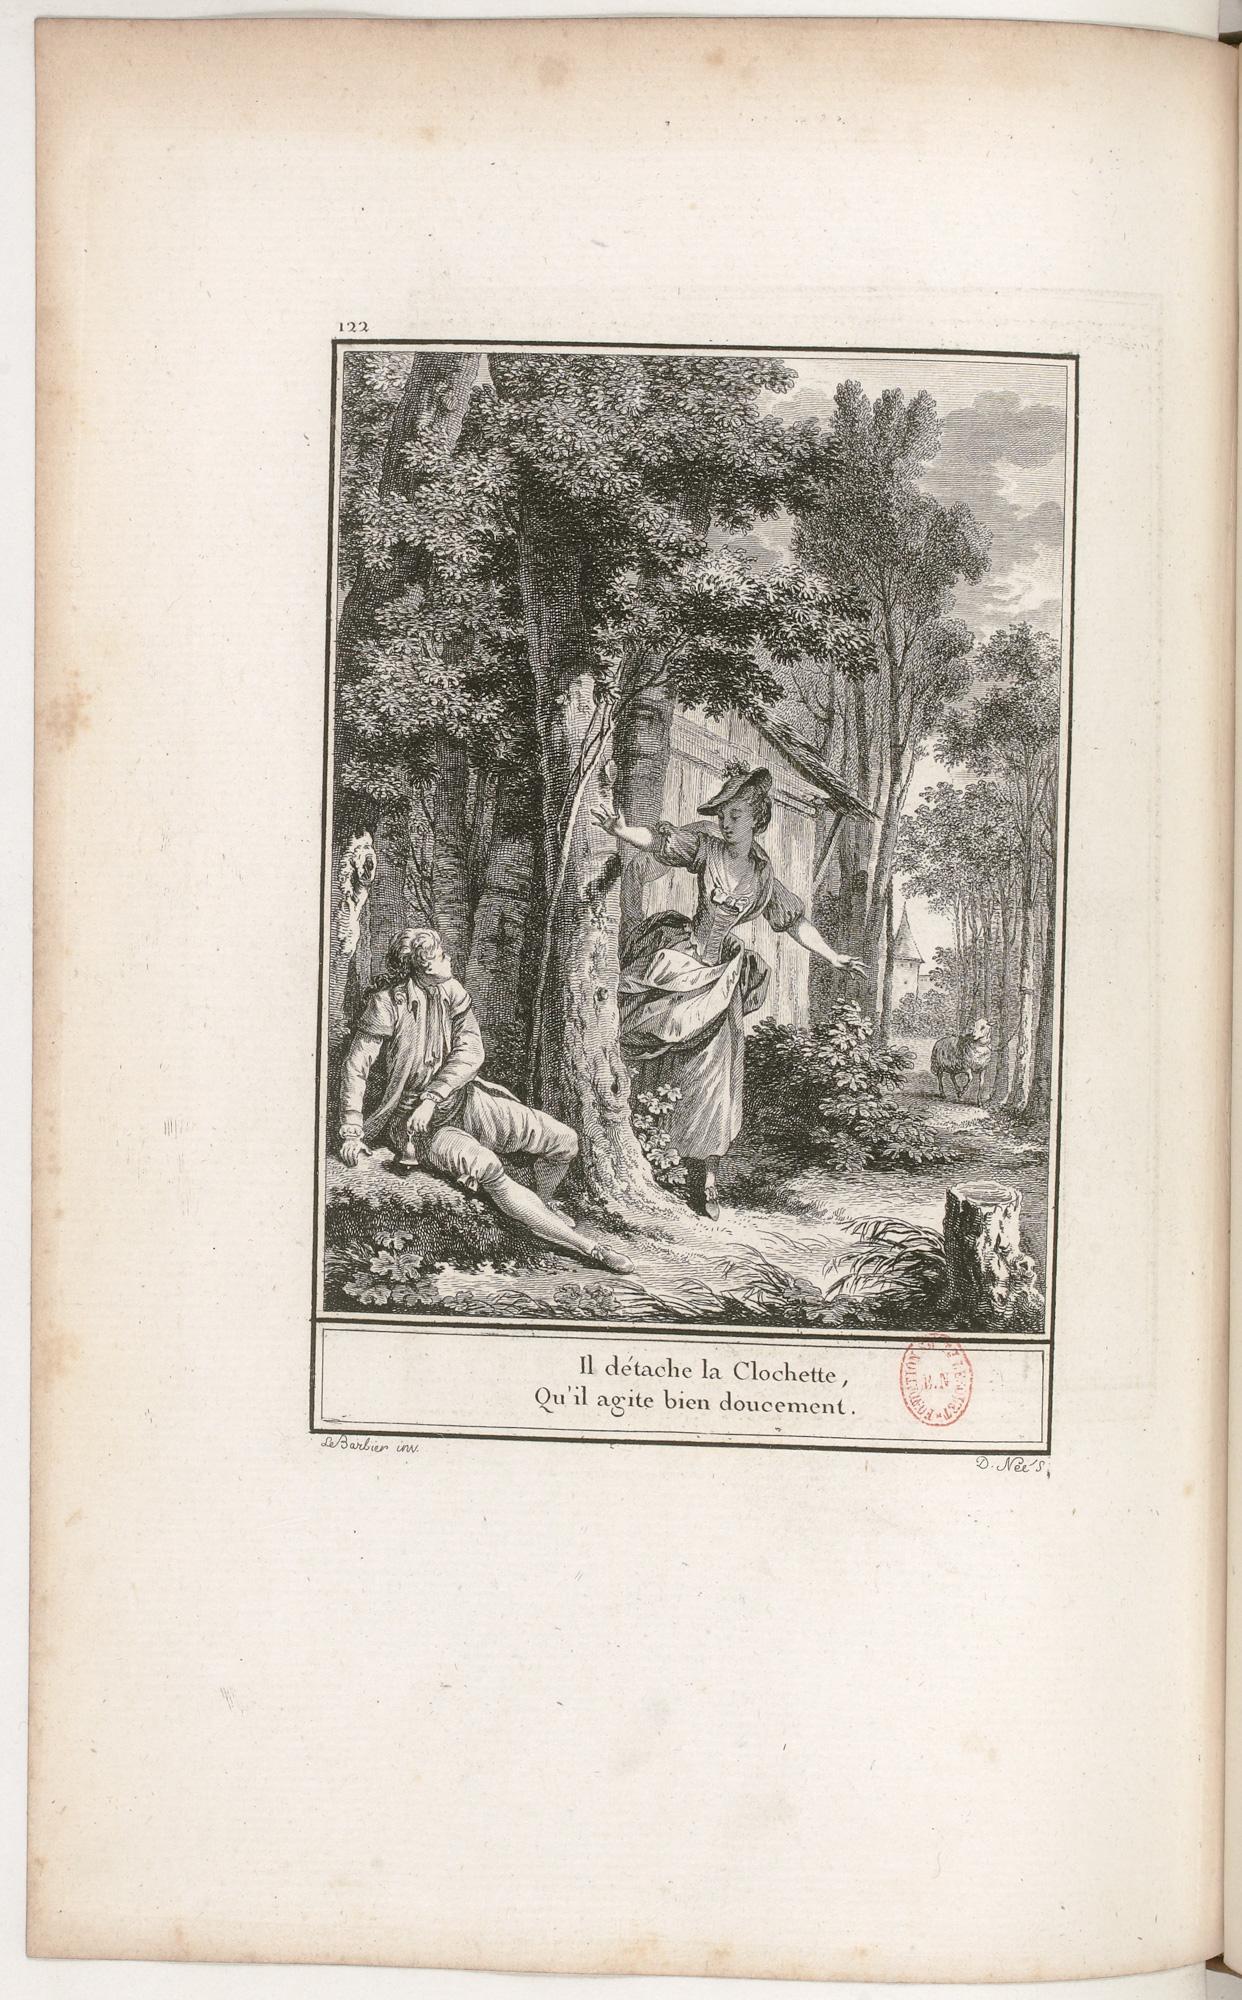 S.3.21 La clochette, 1772, Image